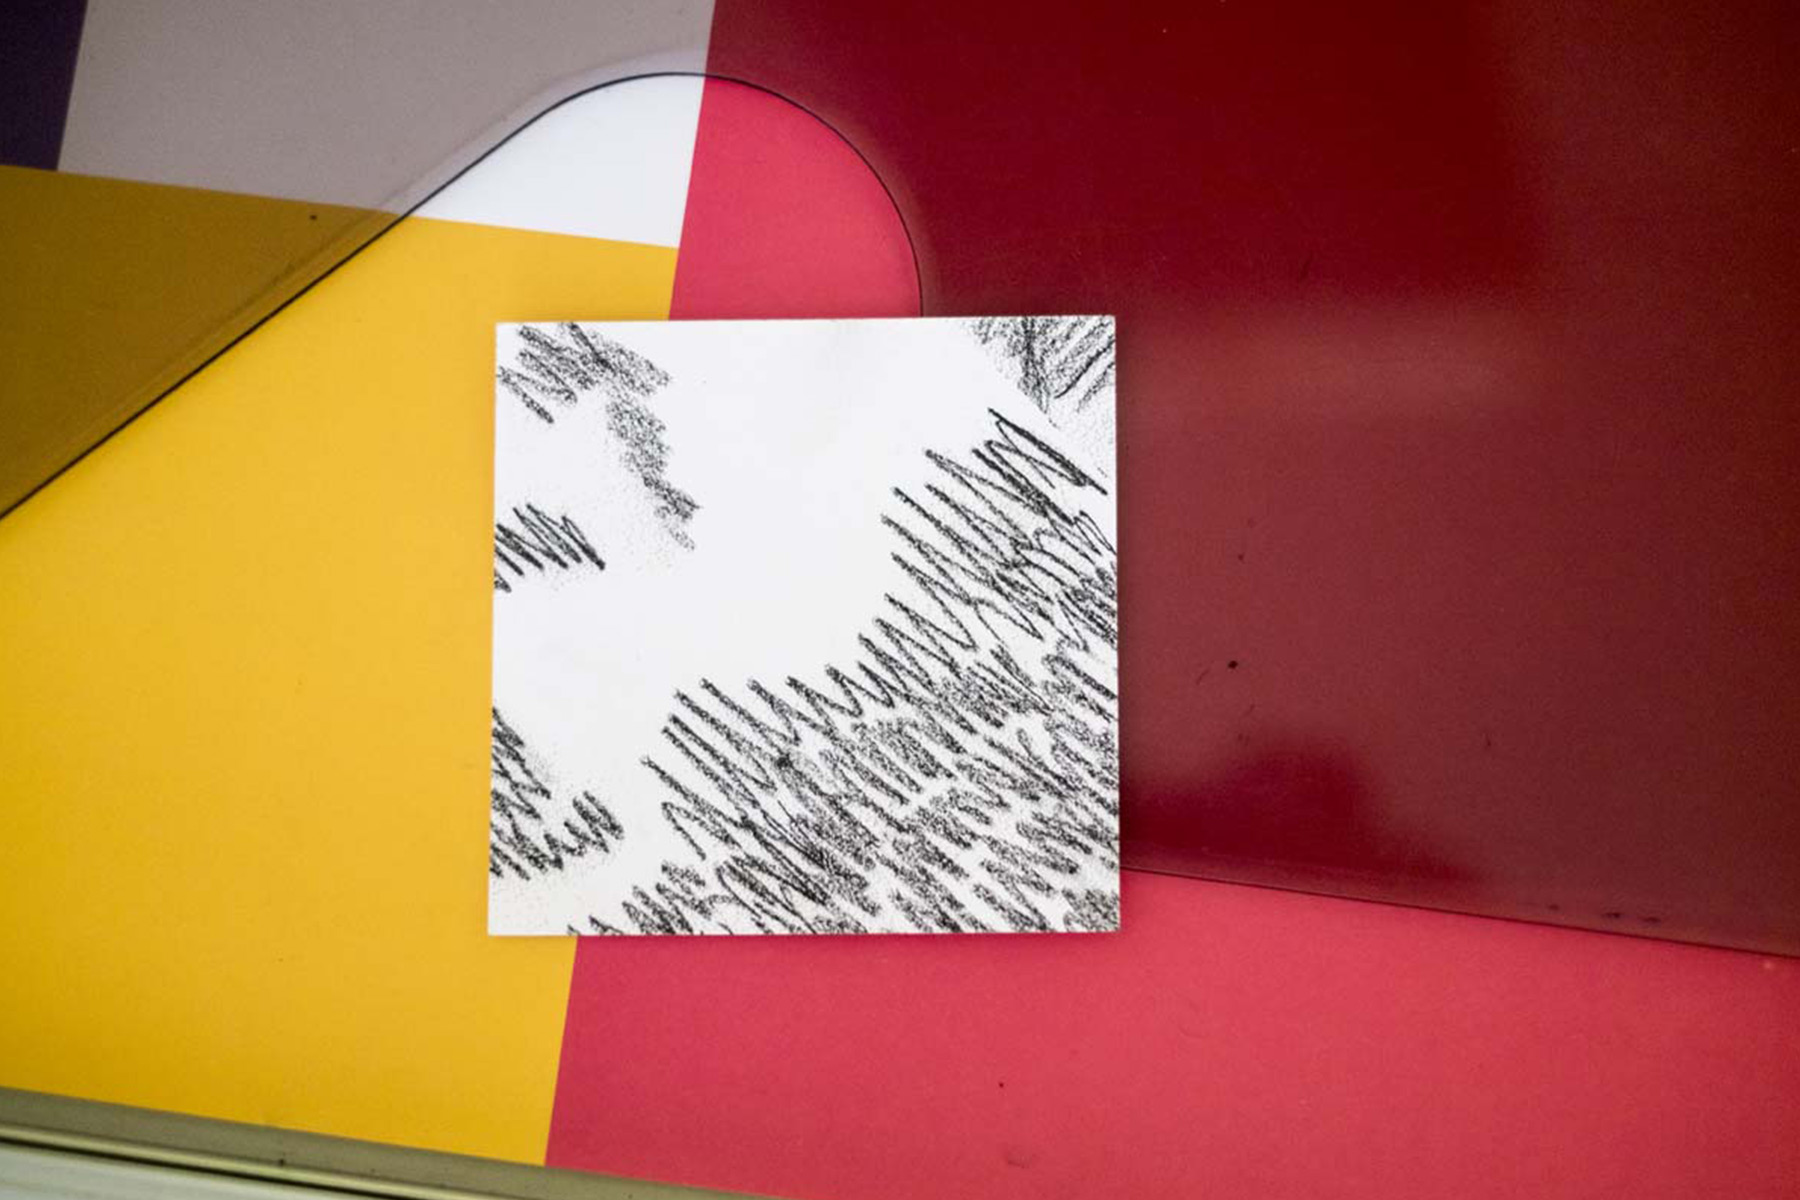 MaisonTangible-Manufacture-Images-Objets-Graphiques-Besancon-Vesontio-Actualite-160314-01